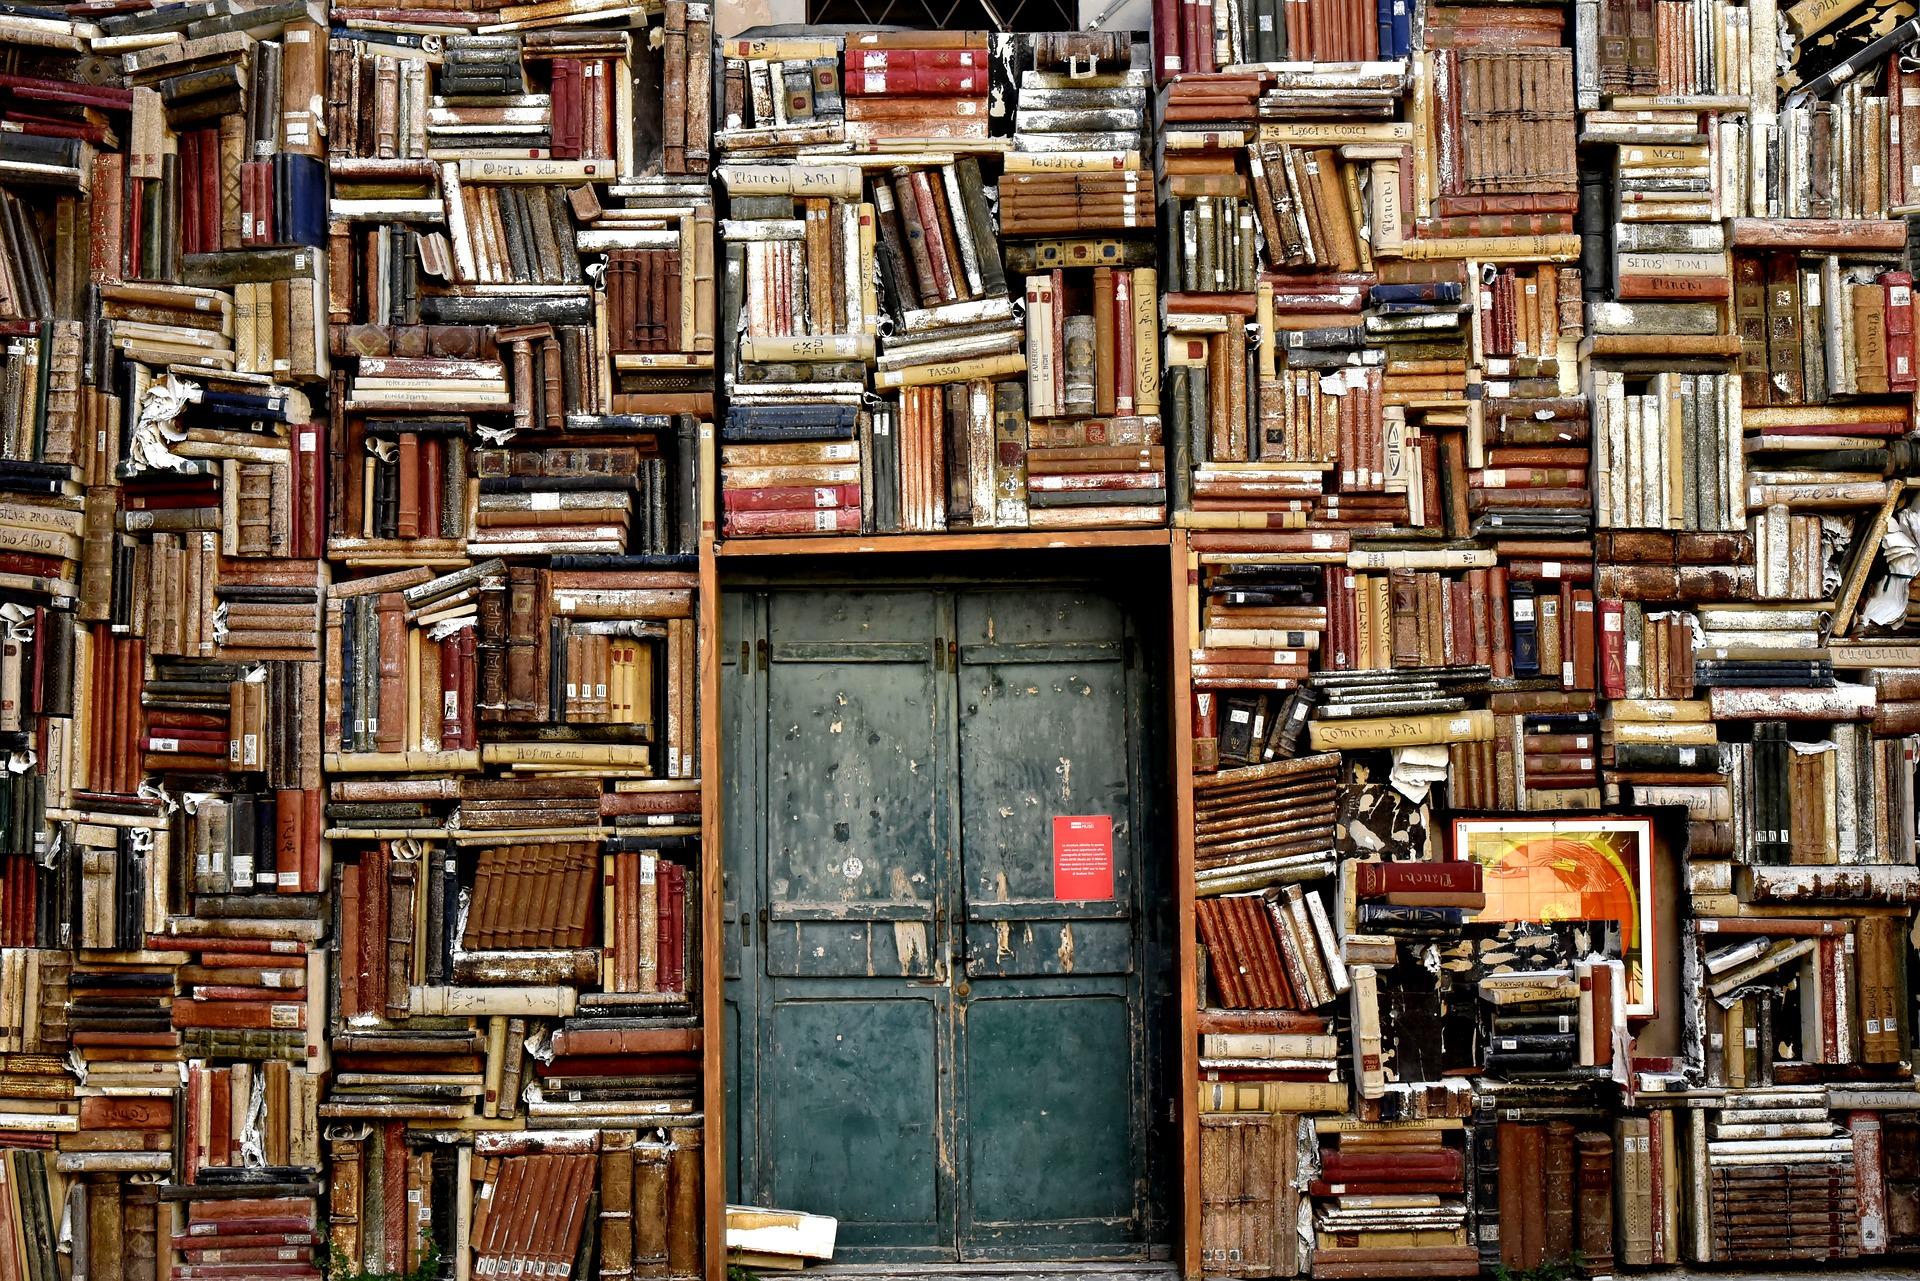 Adressbüros, Fragämter und Intelligenz-Comptoirs – zur Geschichte der ersten Suchmaschinen